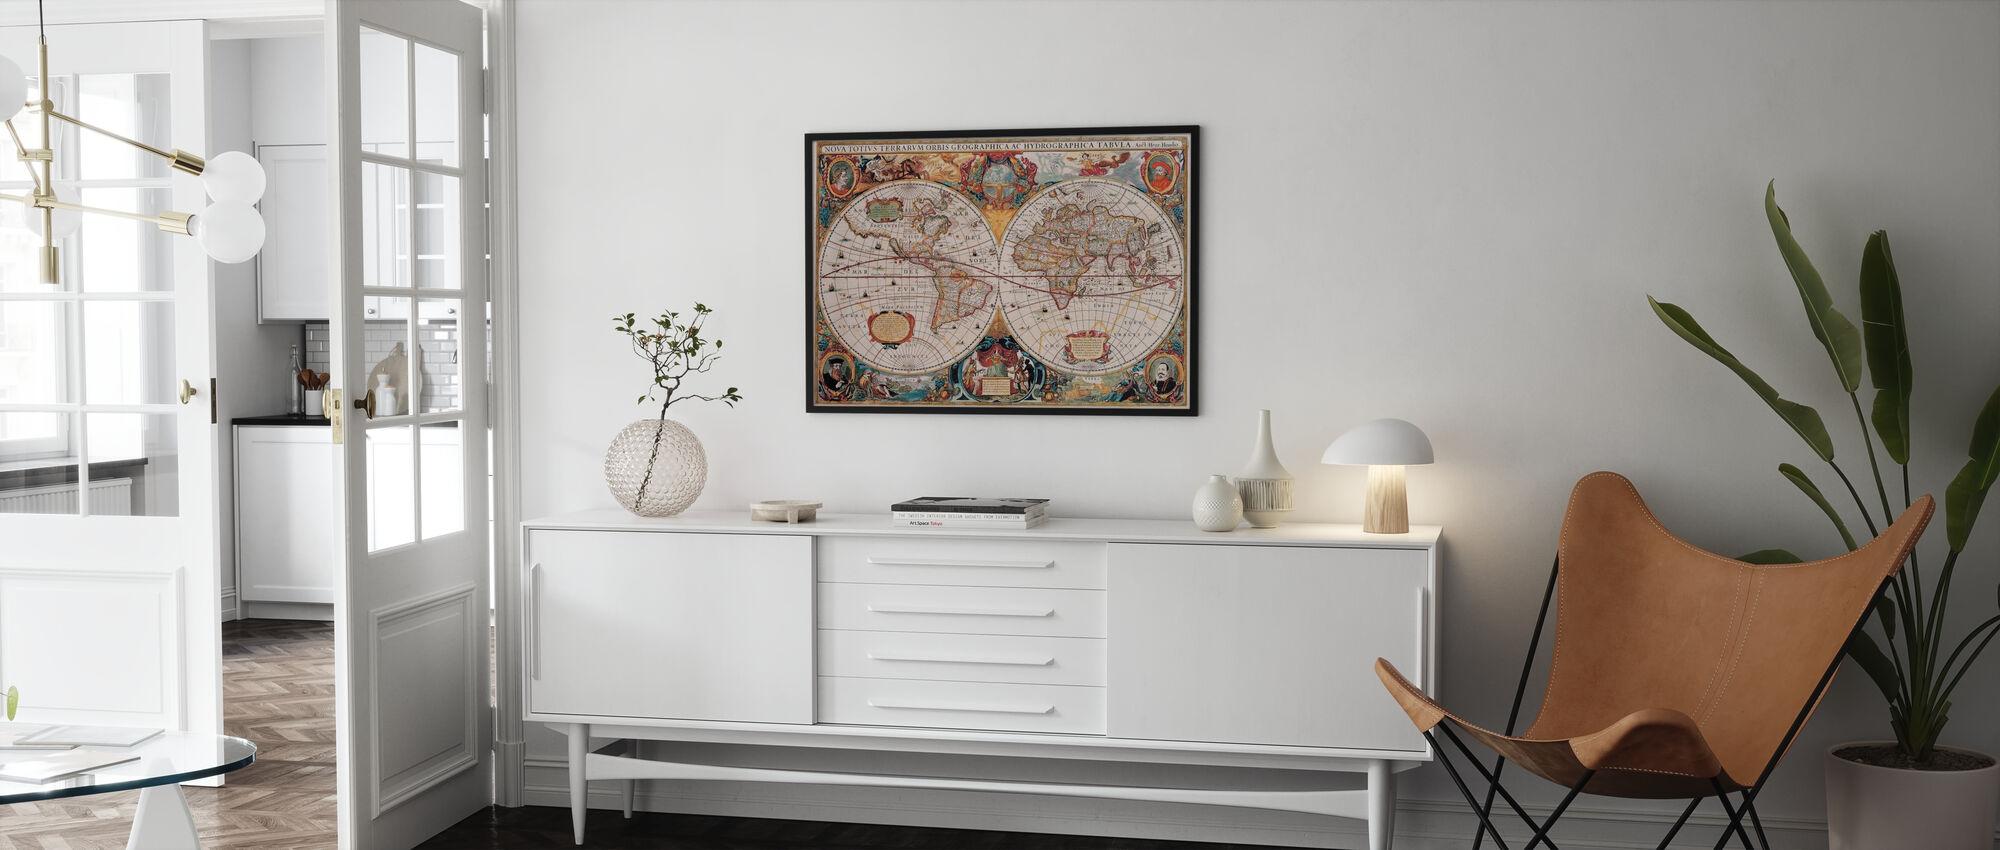 Carte antique - Henricus Hondius 1630 - Affiche - Salle à manger